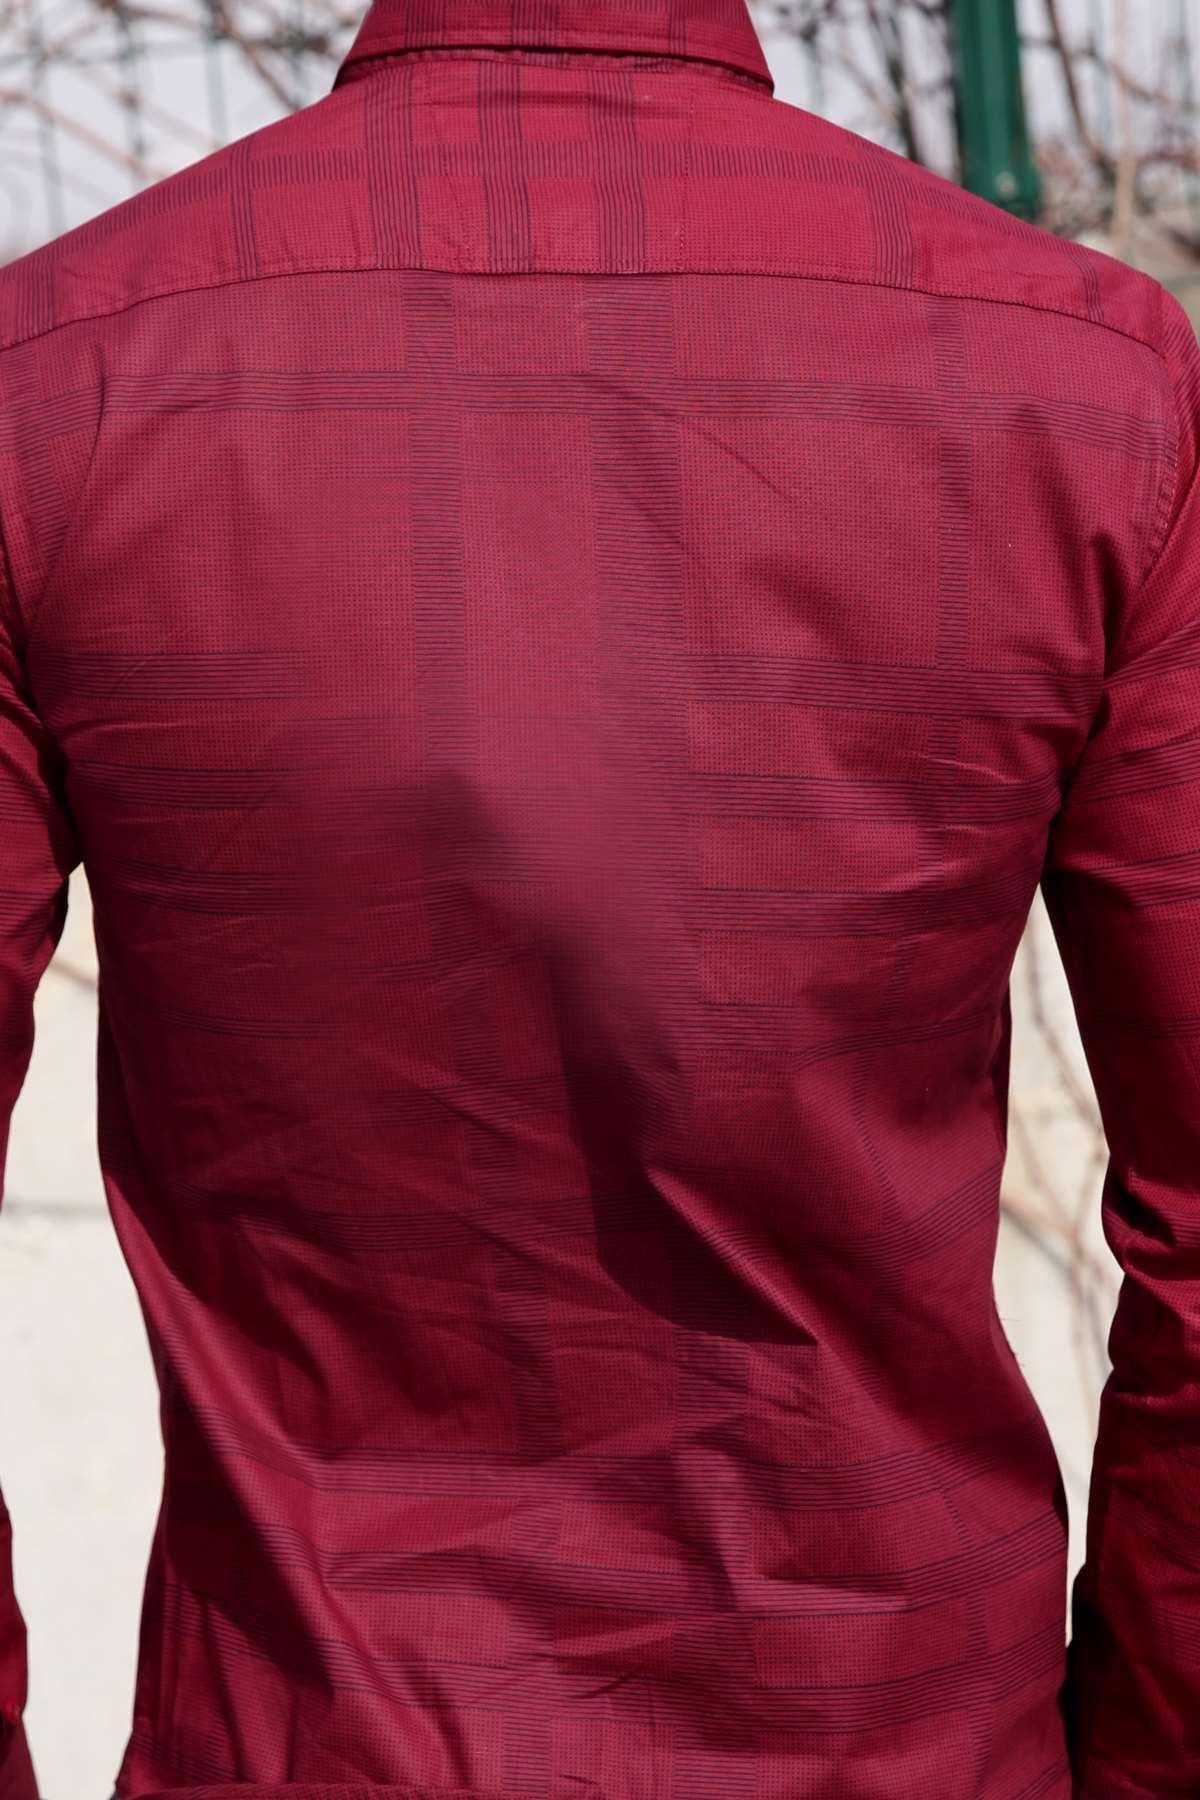 Noktalı Çizgi Desenli Klasik Yaka Slim Fit Gömlek Bordo